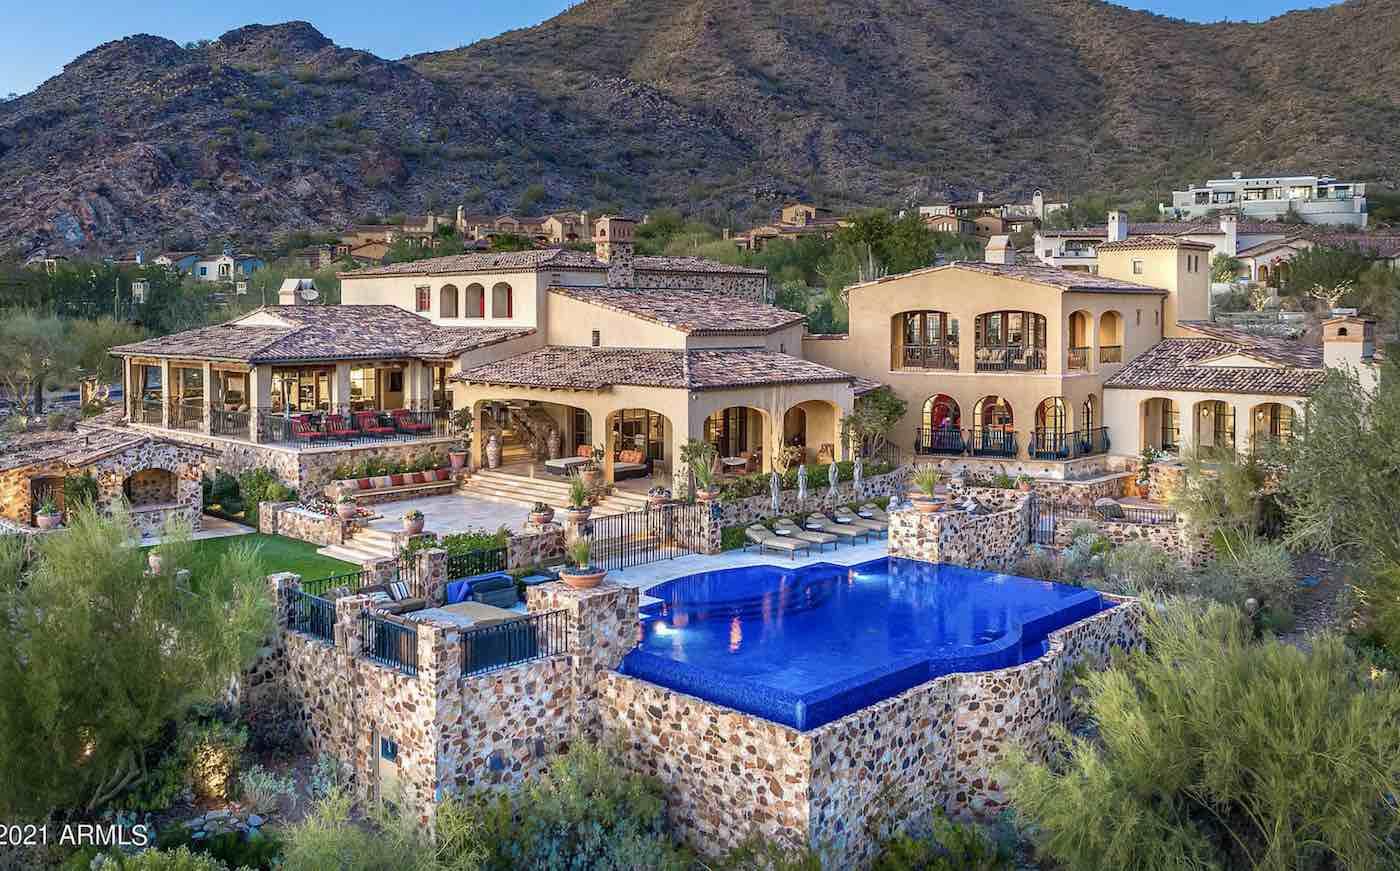 Ahora a la venta por 11,7 millones de dólares, esta hermosa casa de estilo mediterráneo y de 13.000 pies cuadrados en Scottsdale, Arizona